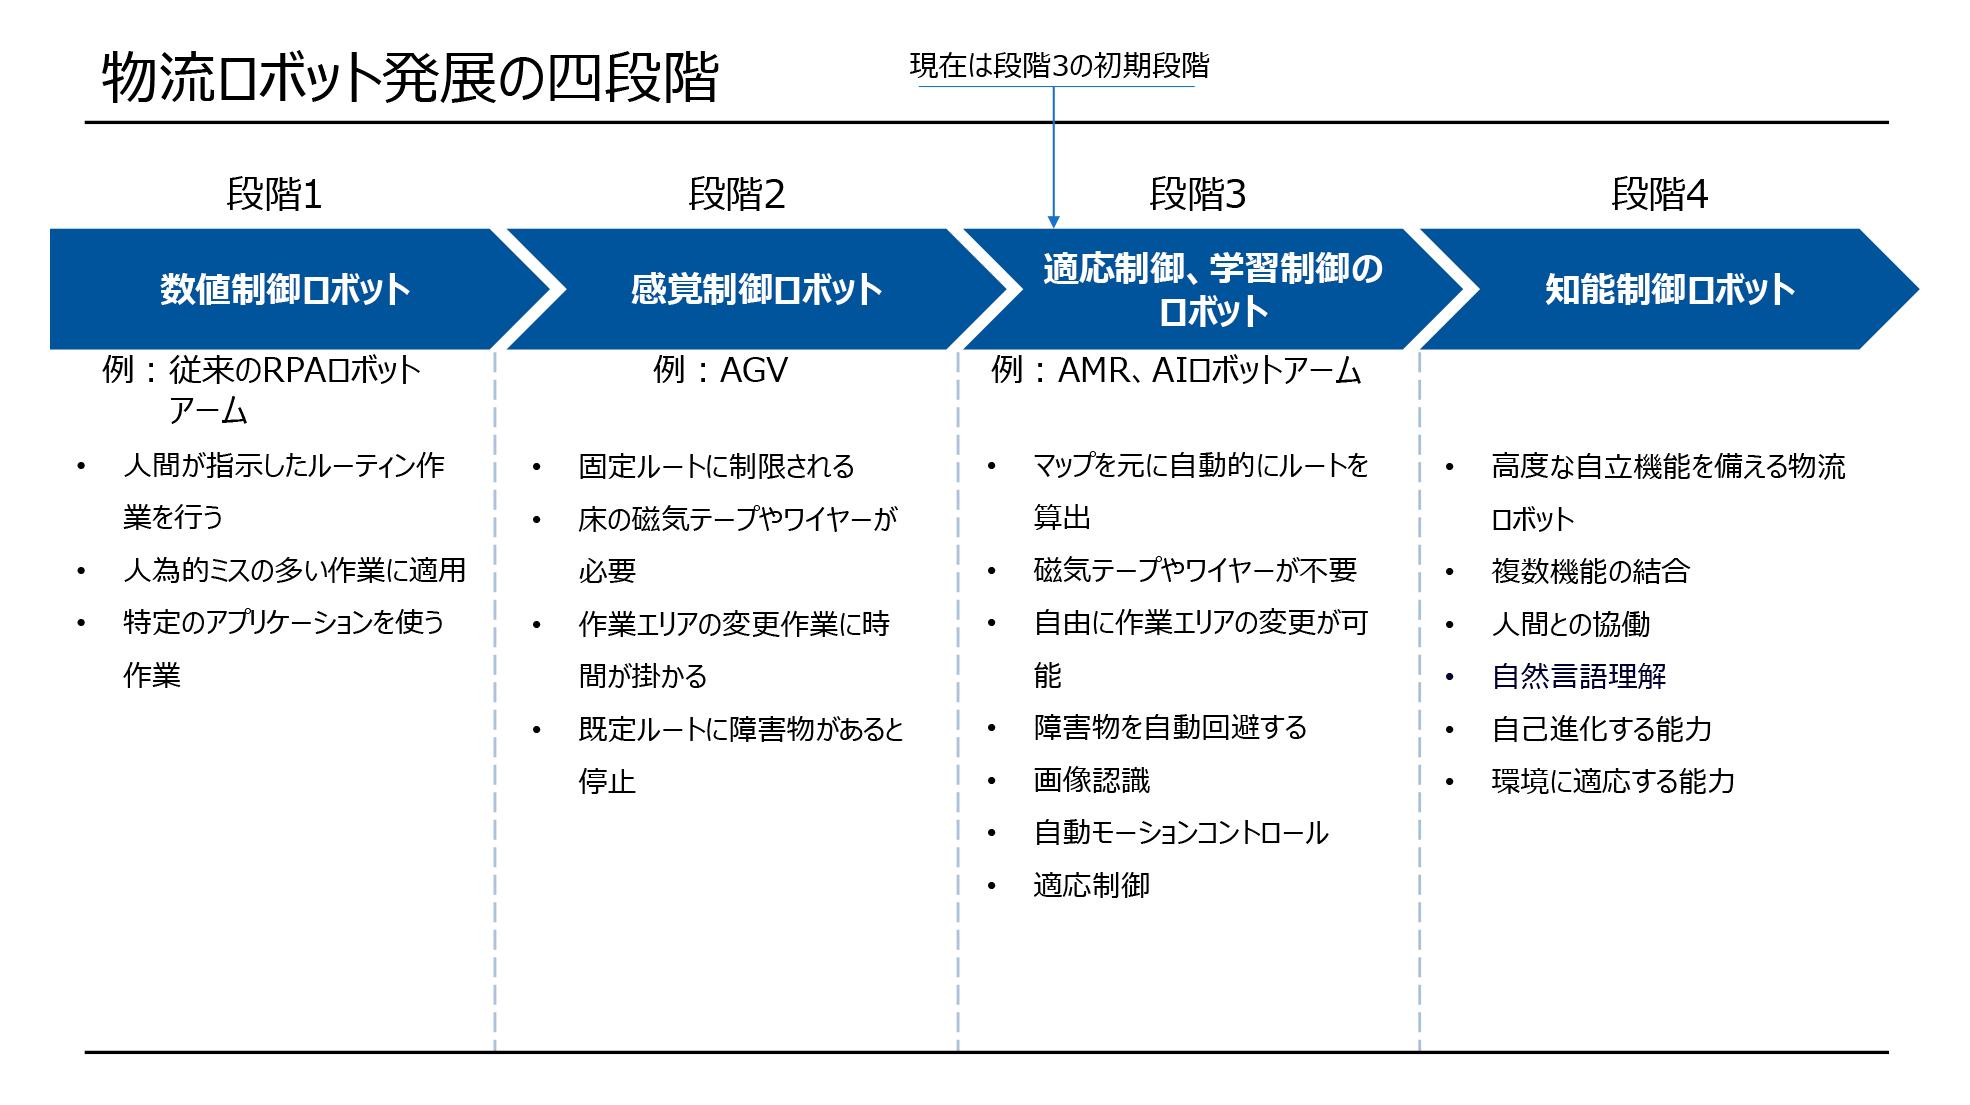 図1.物流ロボットの発展四段階